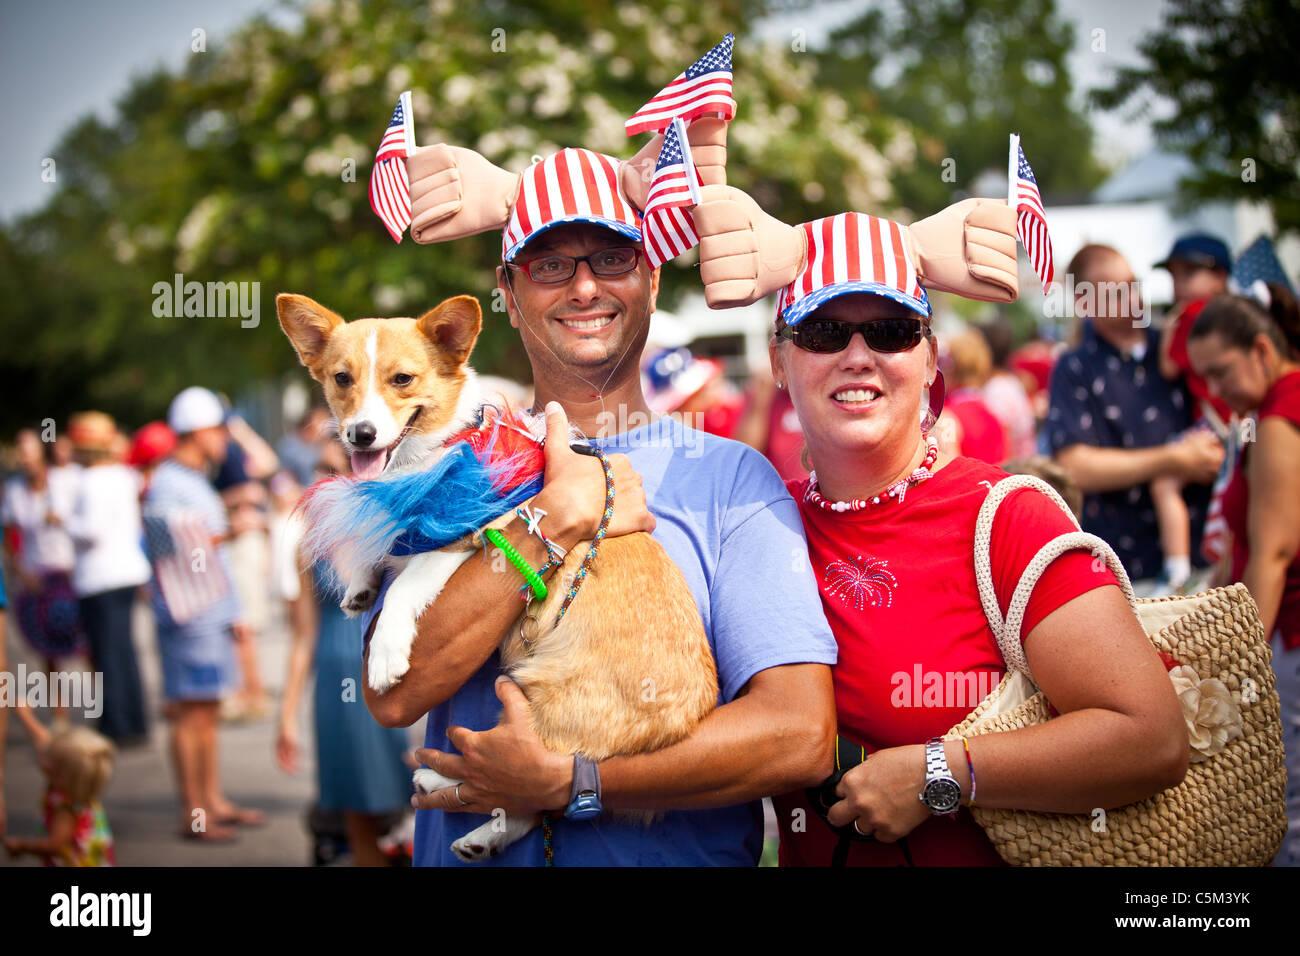 Ein Ehepaar und Hund gekleidet in patriotischen Tracht in der I'On Gemeinschaft 4. Juli Parade. Stockfoto